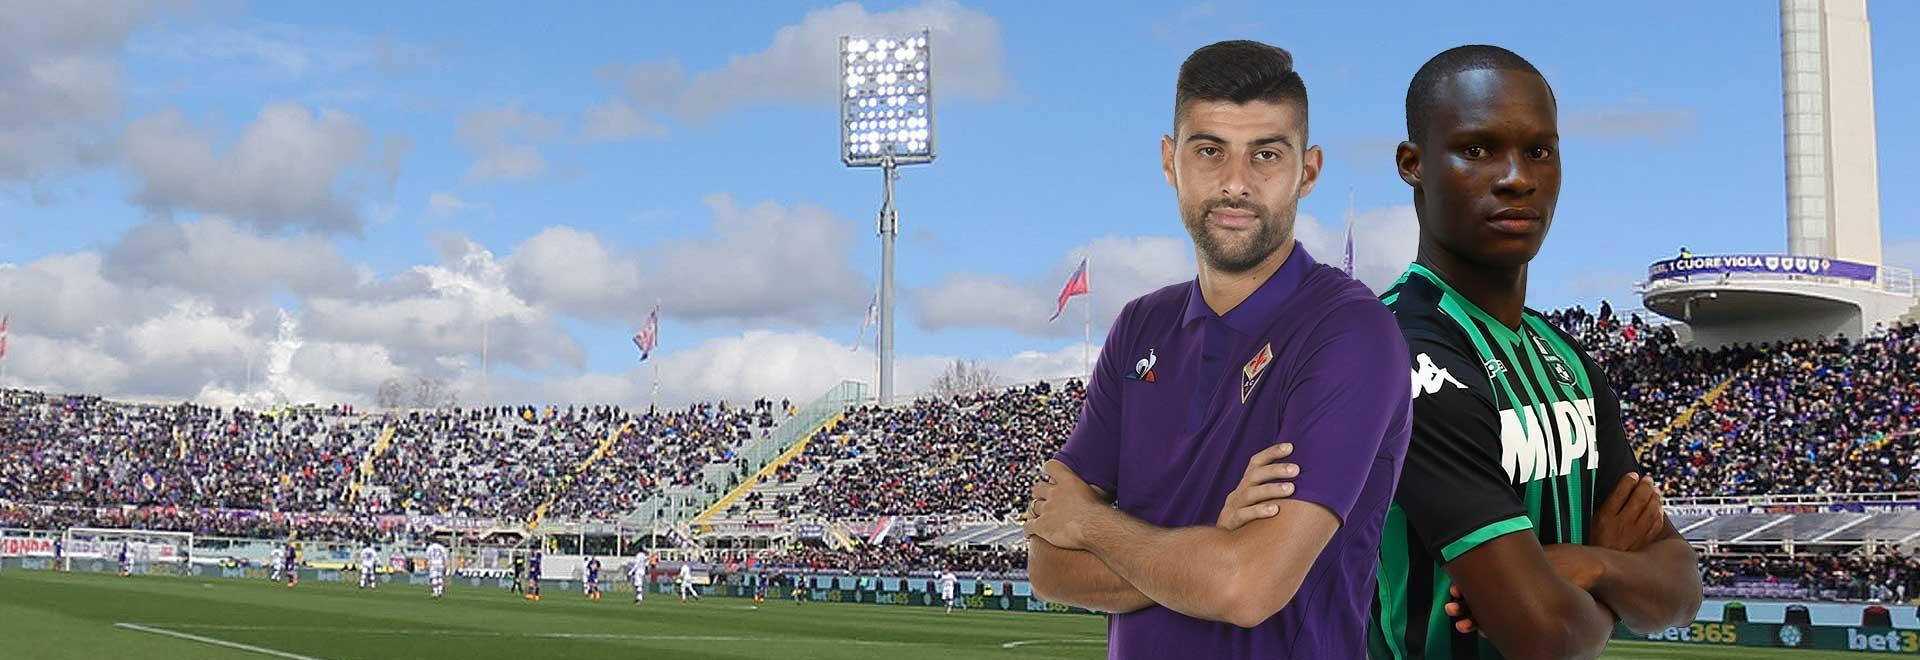 Fiorentina - Sassuolo. 34a g.